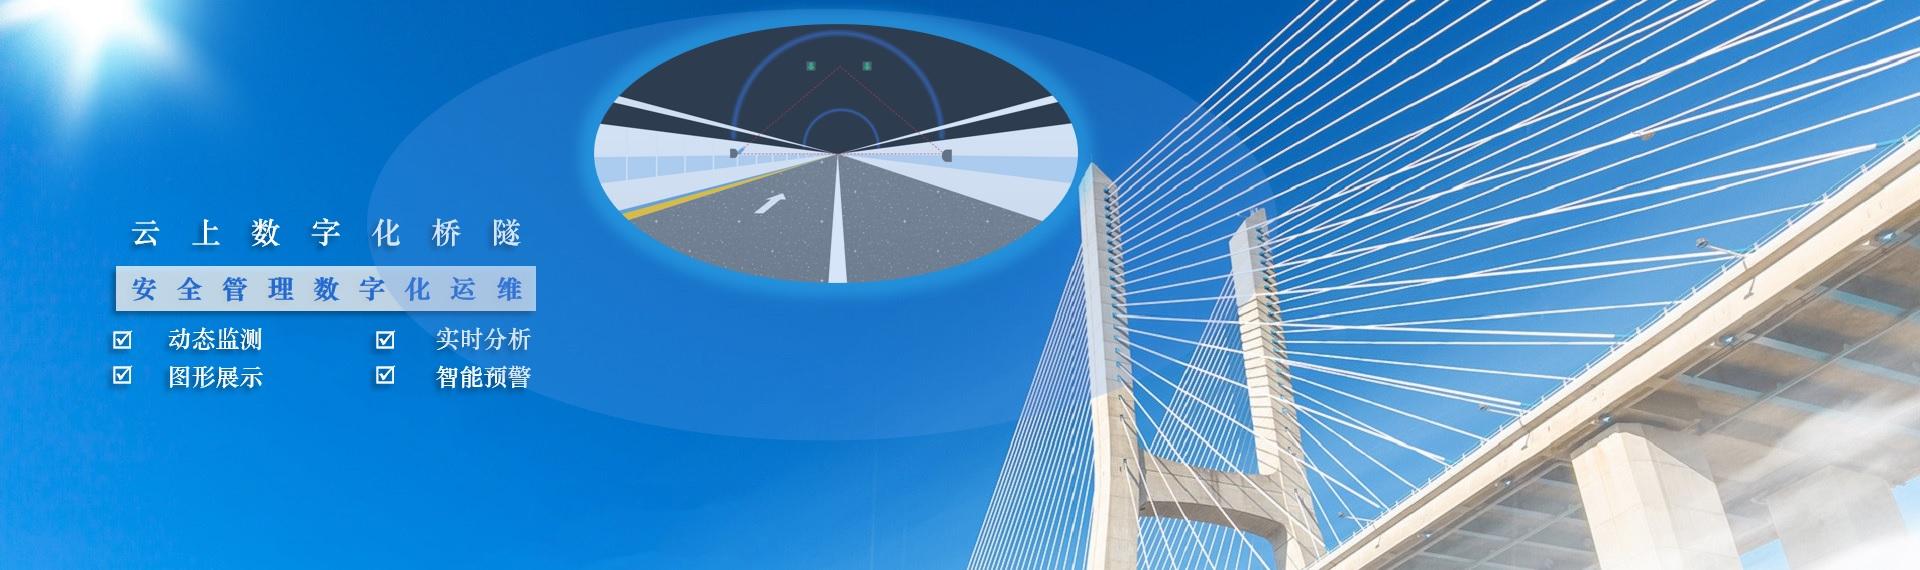 数字桥隧系统